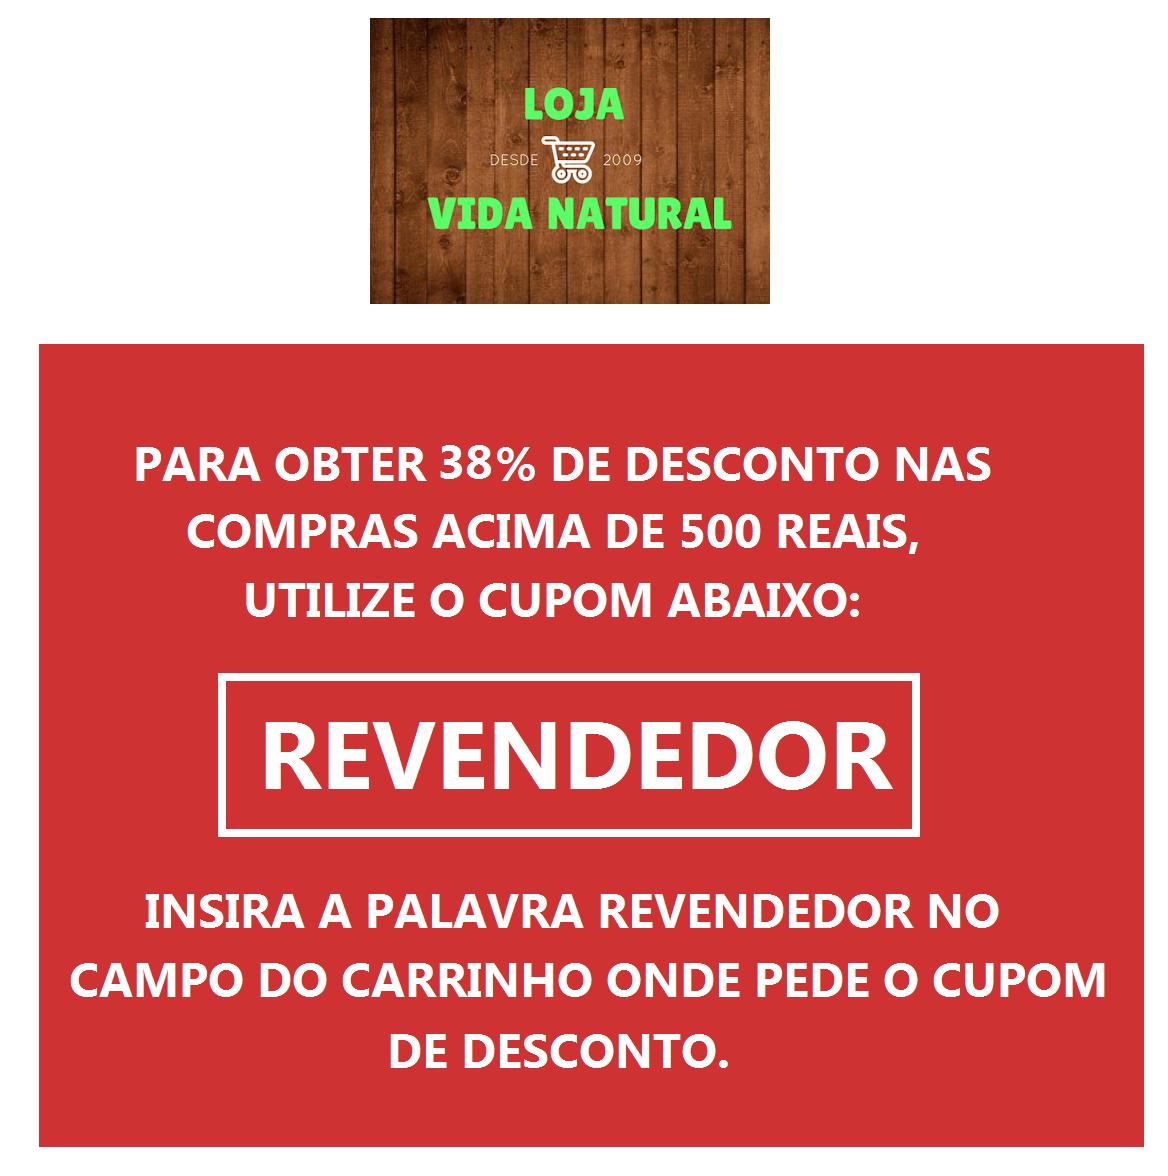 REVENDER PRODUTOS NATURAIS